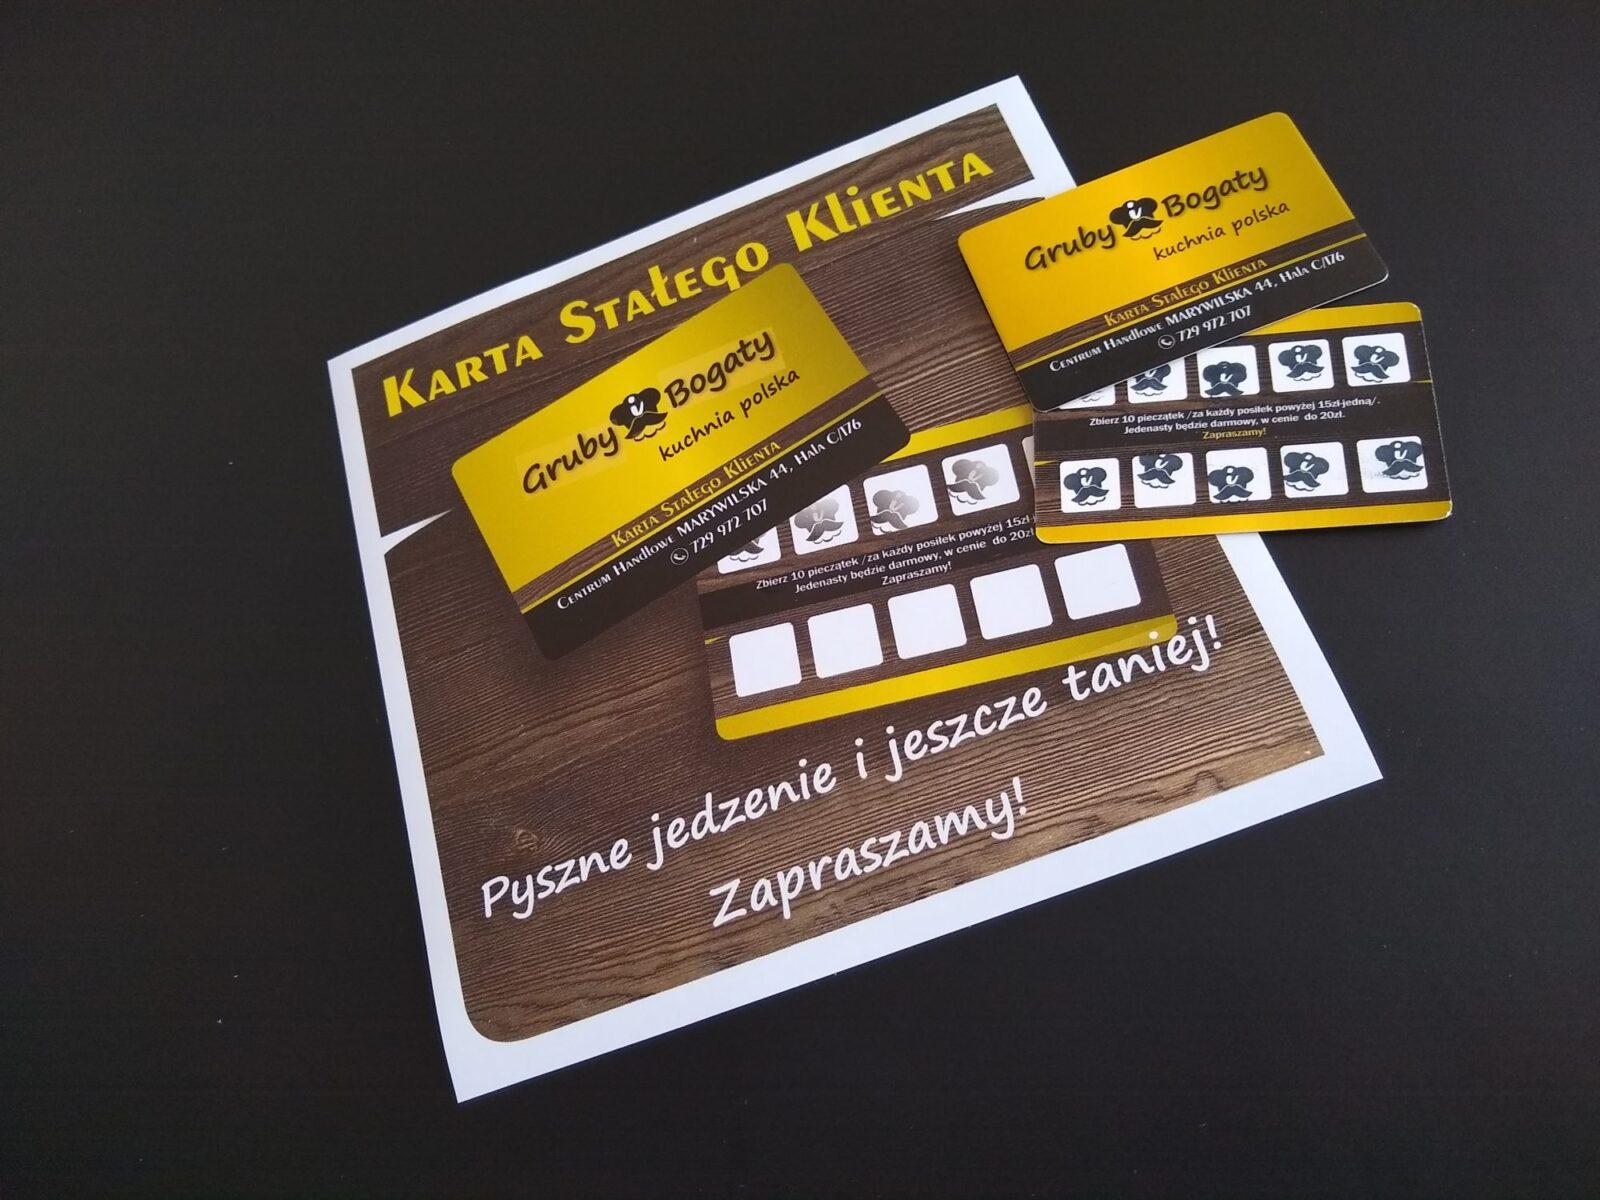 Karty stałego Klienta, wizytówki